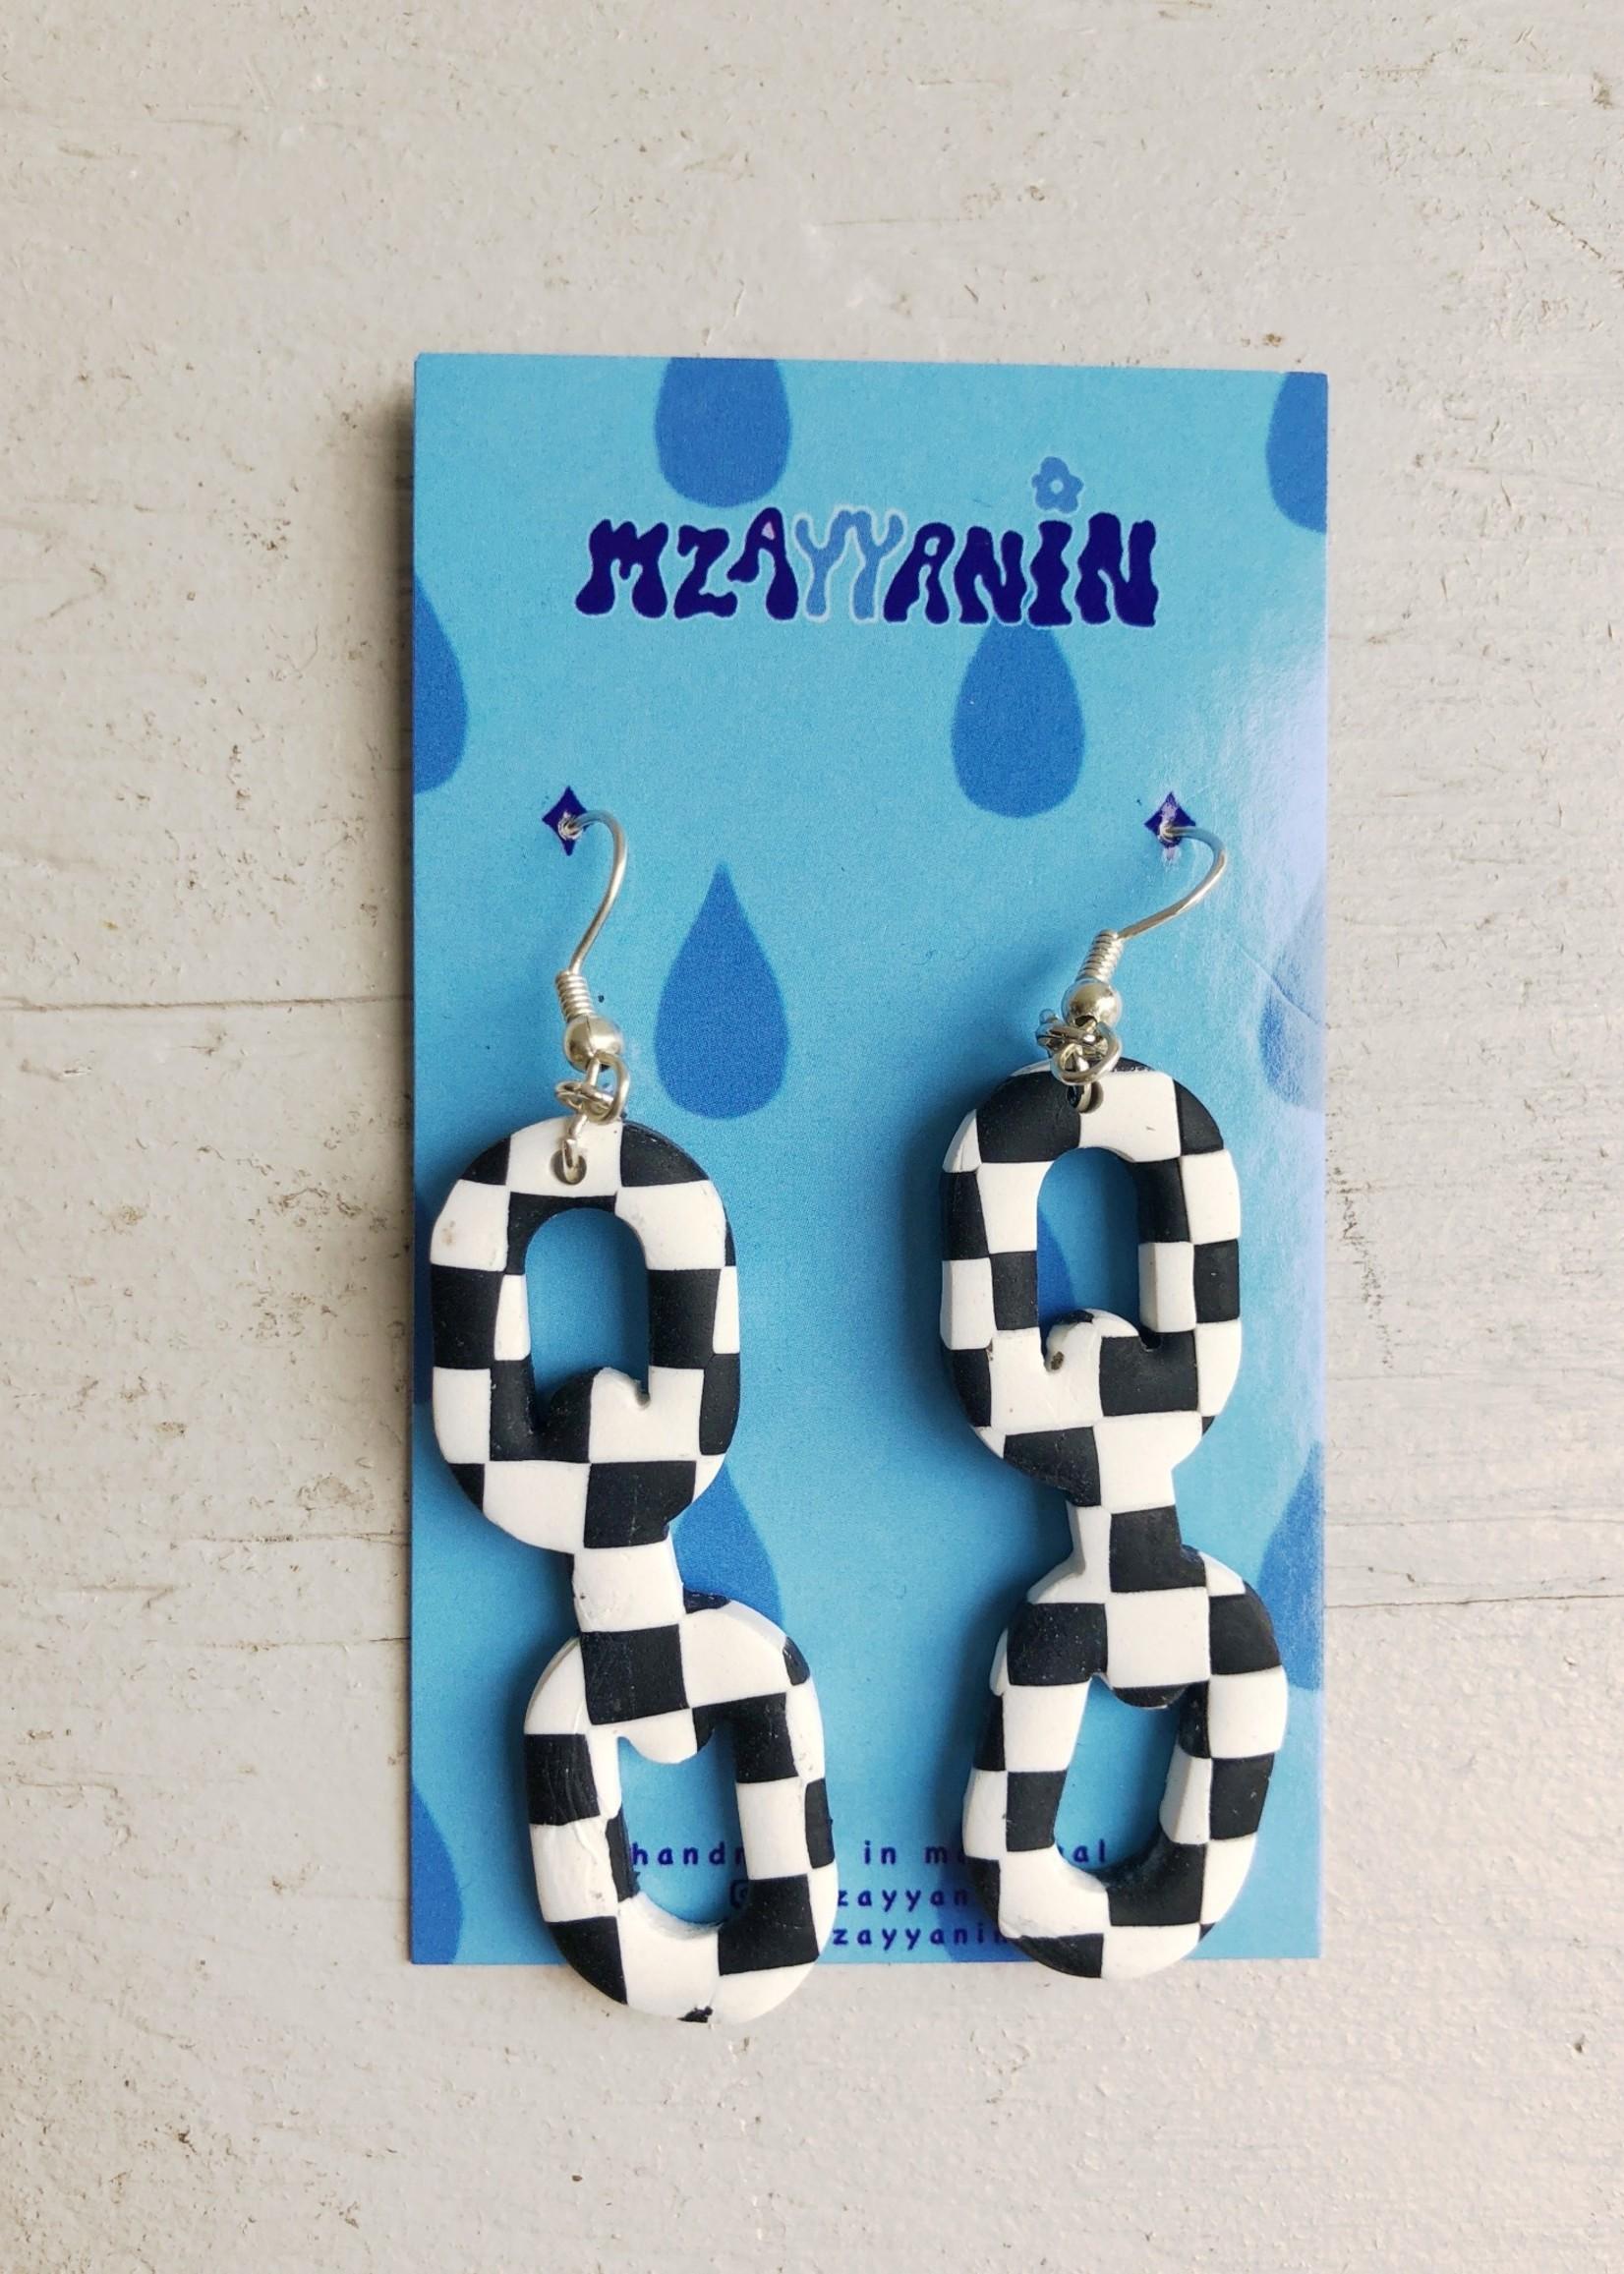 Mzayyanin Chain Check Earrings by Mzayyanin